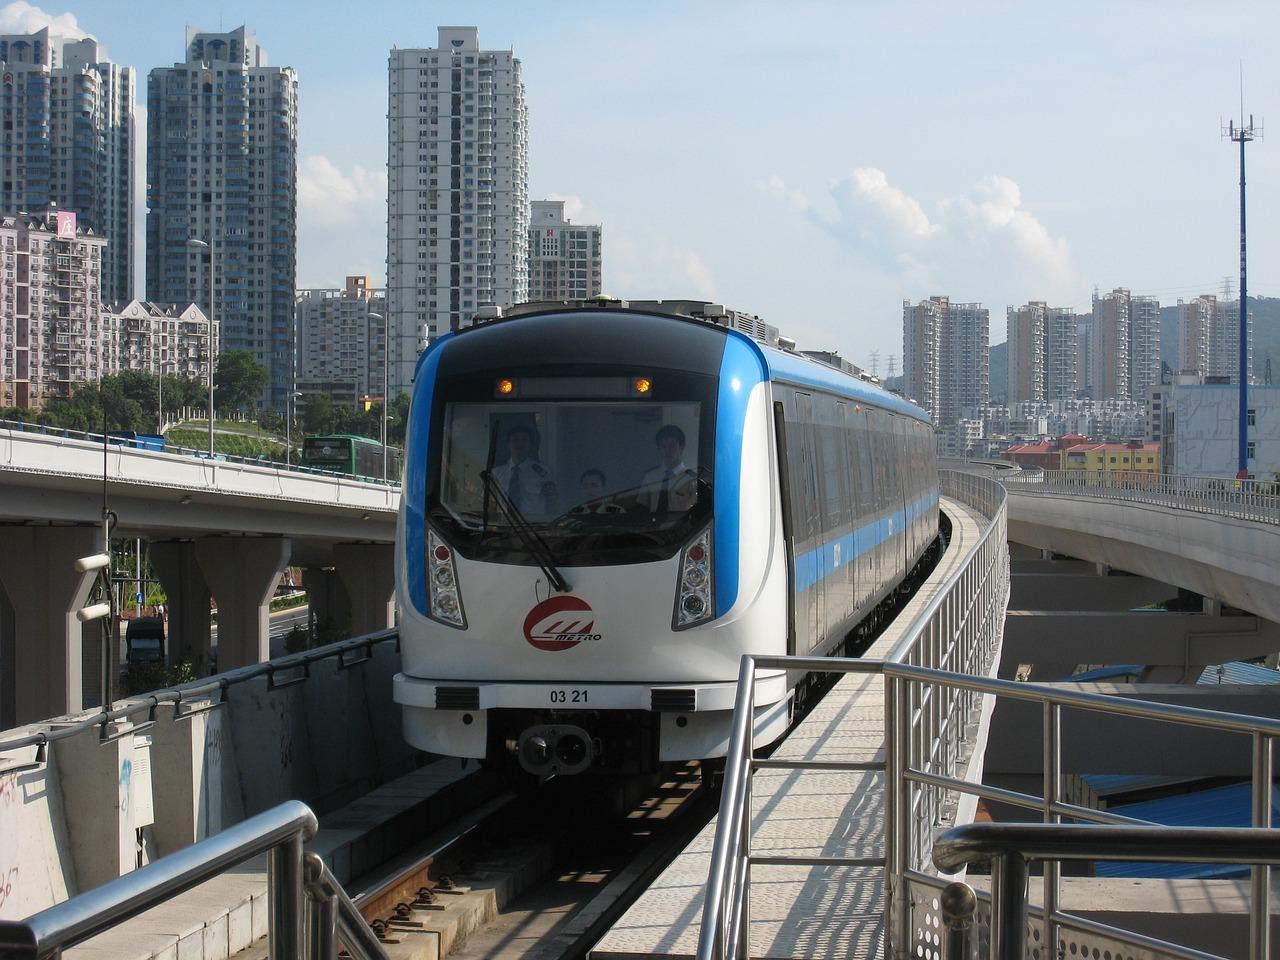 Shenzhen, Metro, Kolejowe, Koleją, Podróży, Miejskich